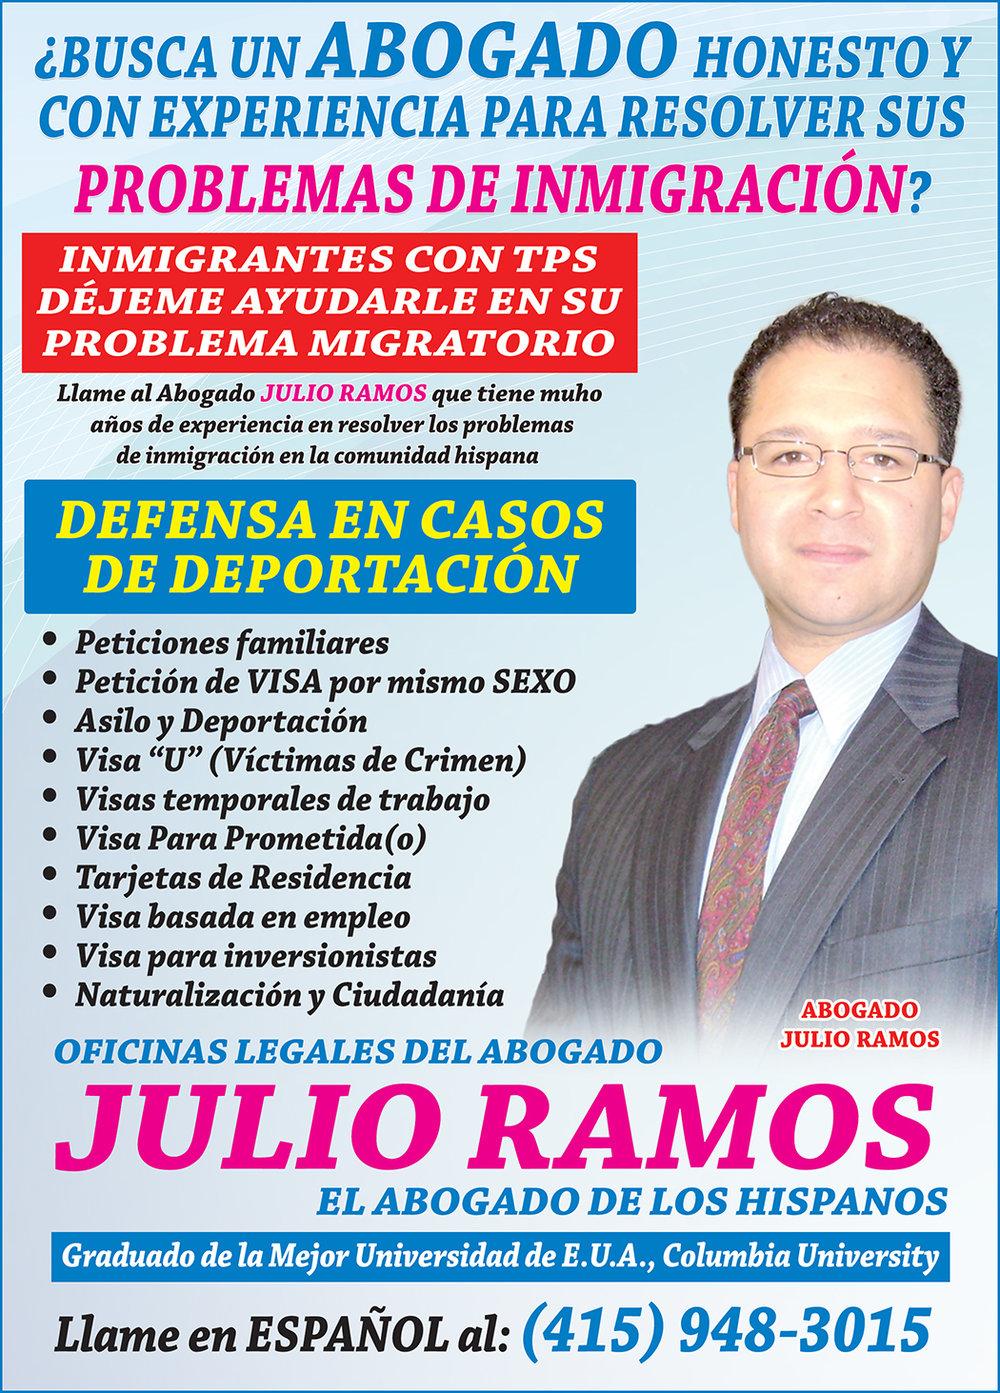 Julio Ramos 1 Pag Inmigracion FEBRERO 2018.jpg